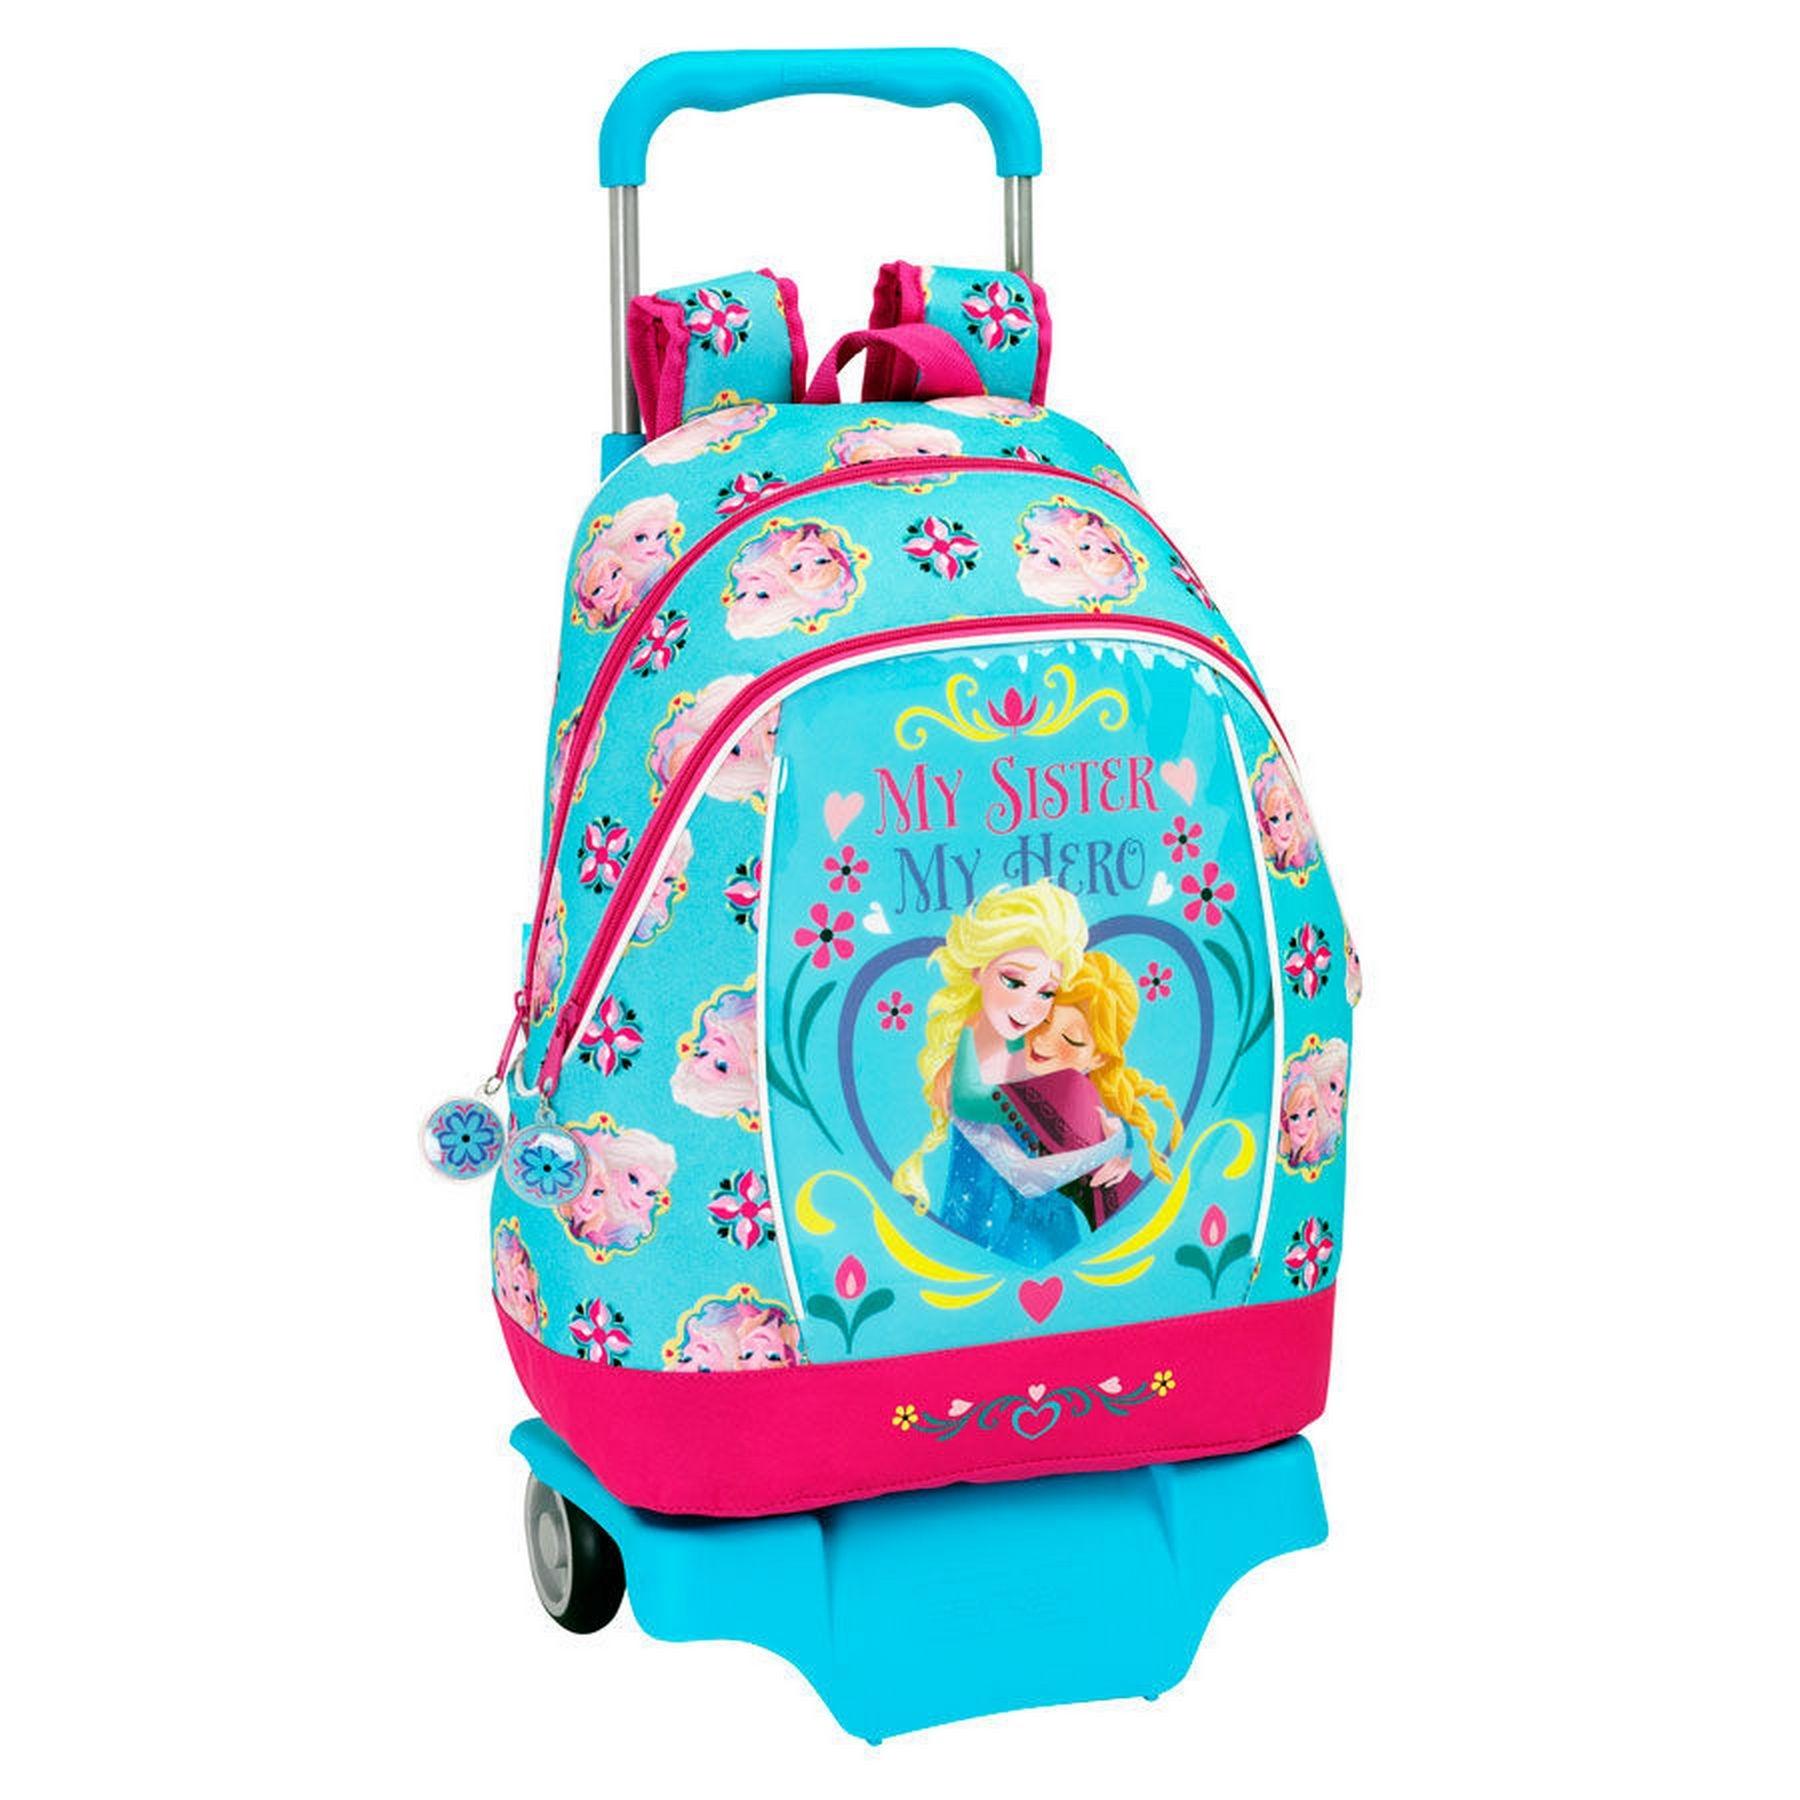 d37482a4838 Τσάντα τρόλλευ δημοτικού Frozen Sisters 32*17*32cm #SAF15160 | ToysForKids e -shop